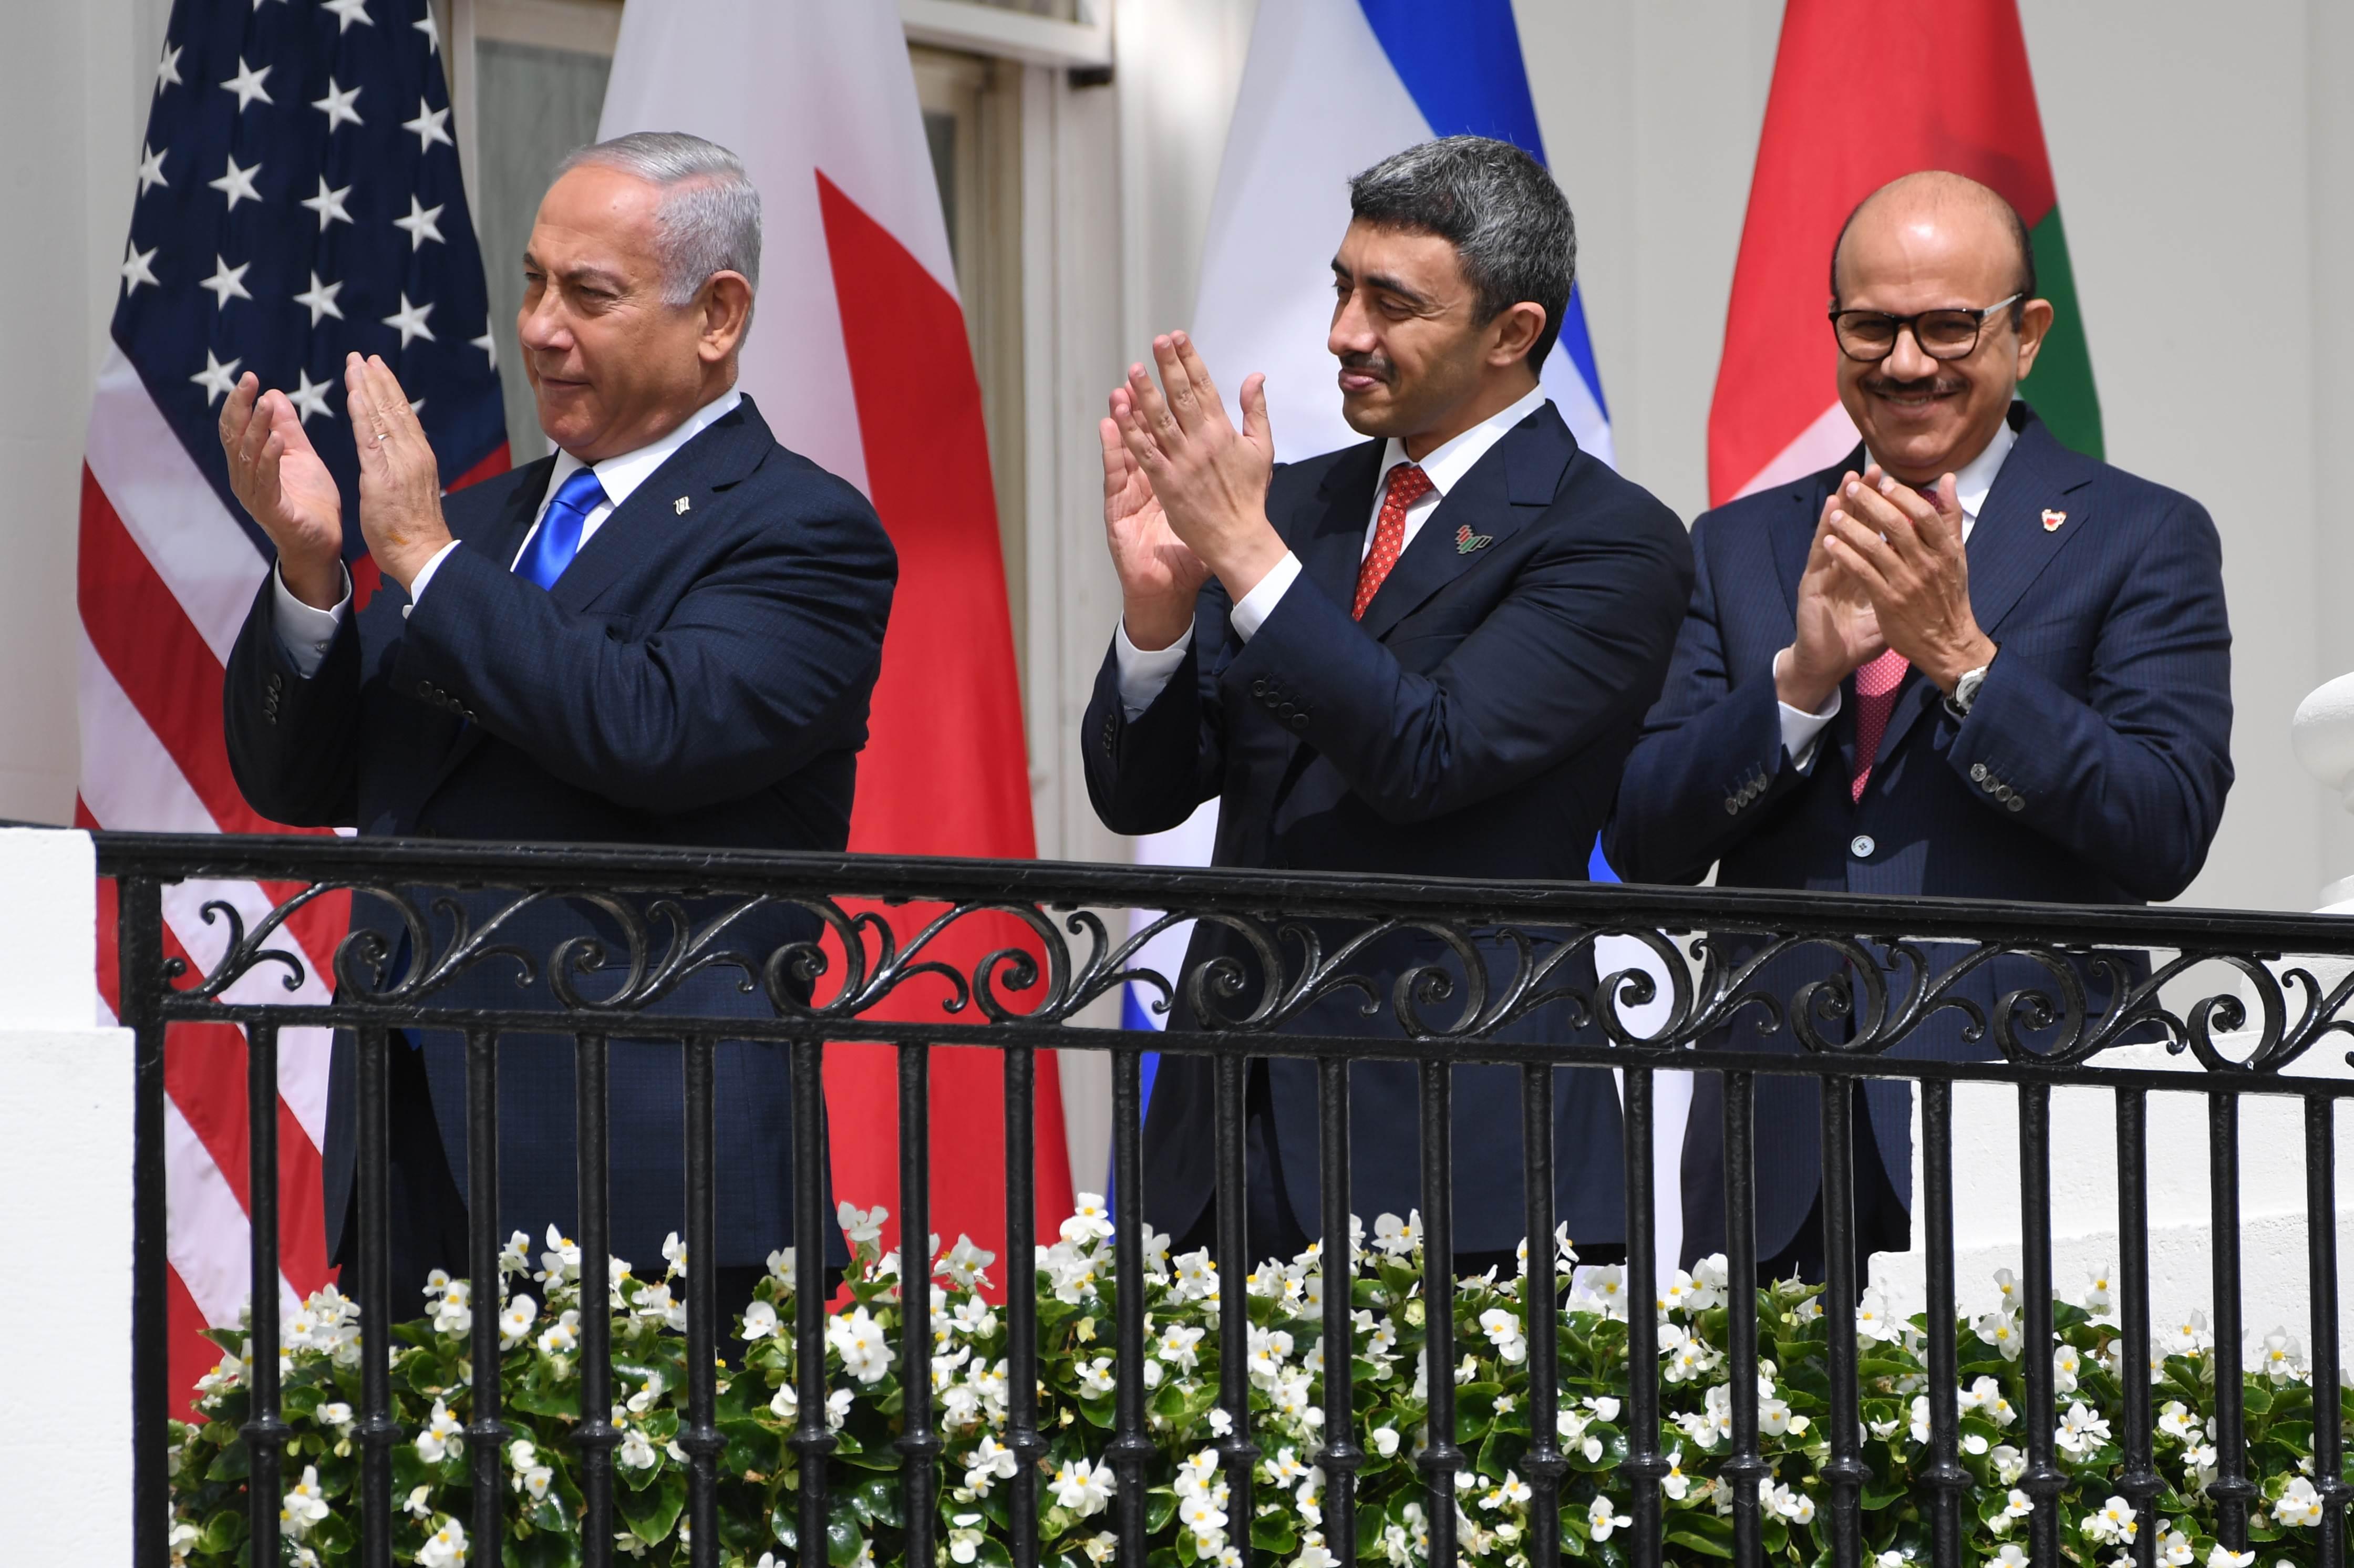 يتهم دحلان بتقريب وجهات النظر الإسرائيلية الإماراتية